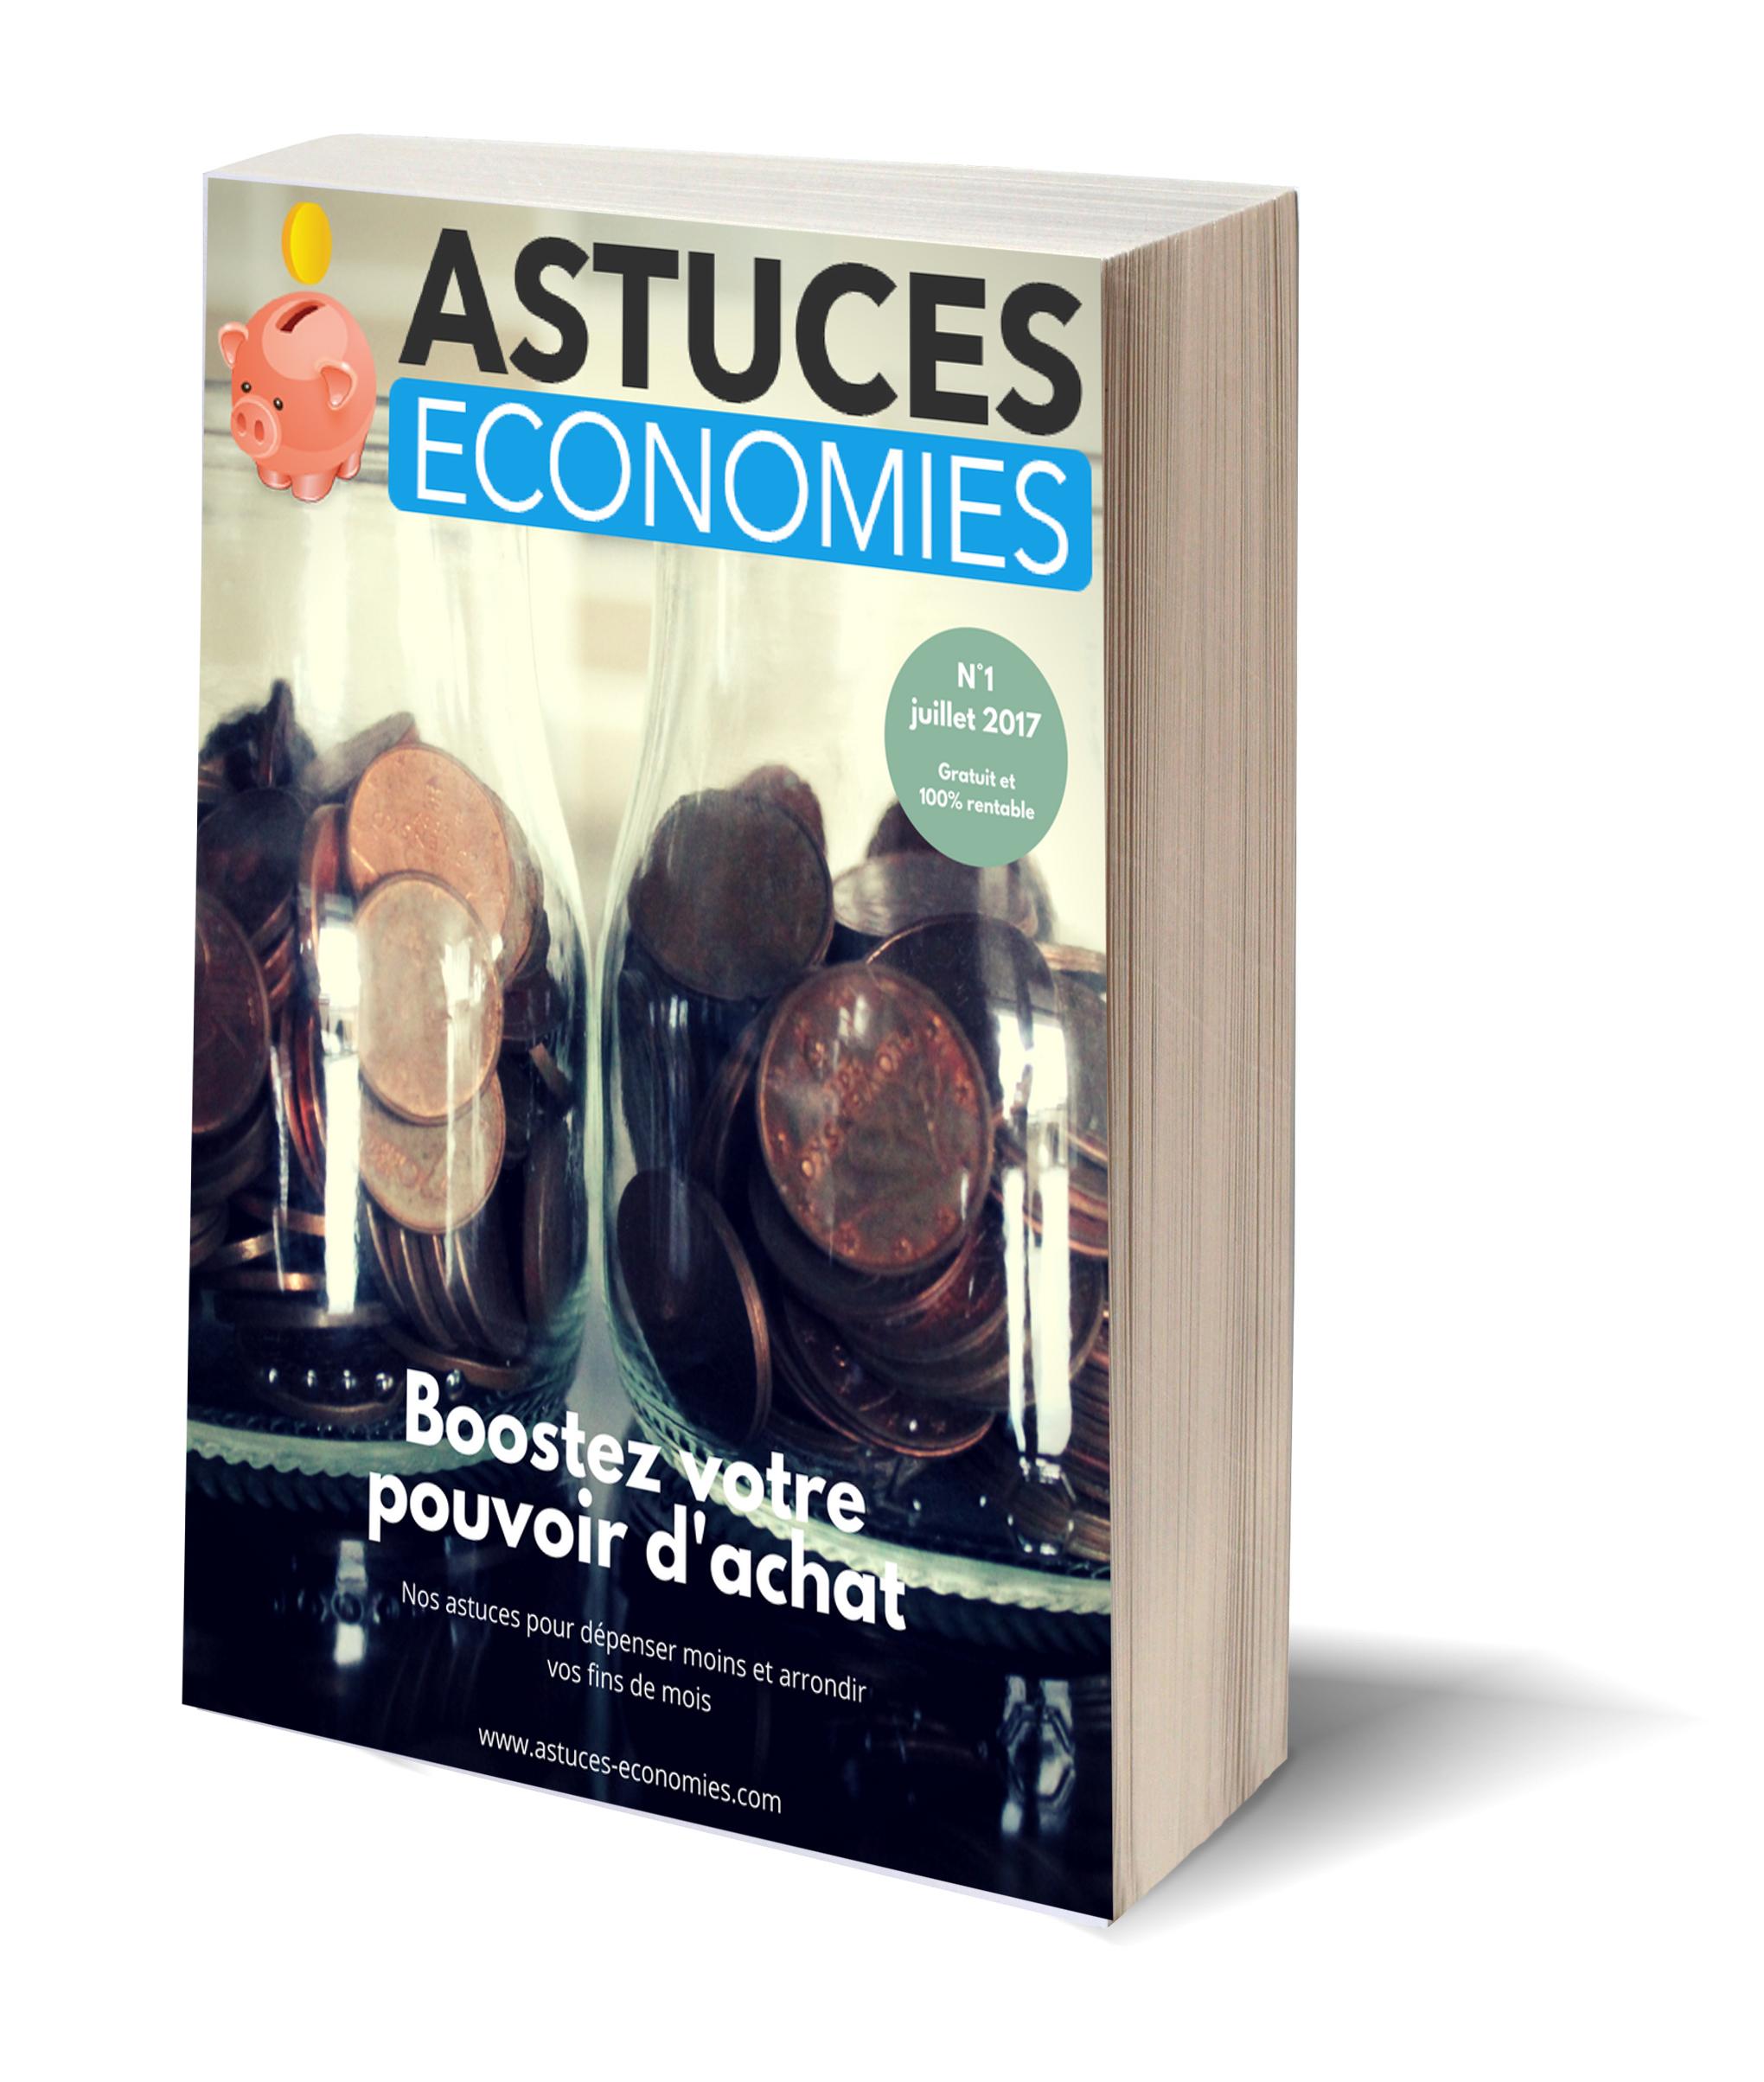 Découvrez le magazine astuces economies